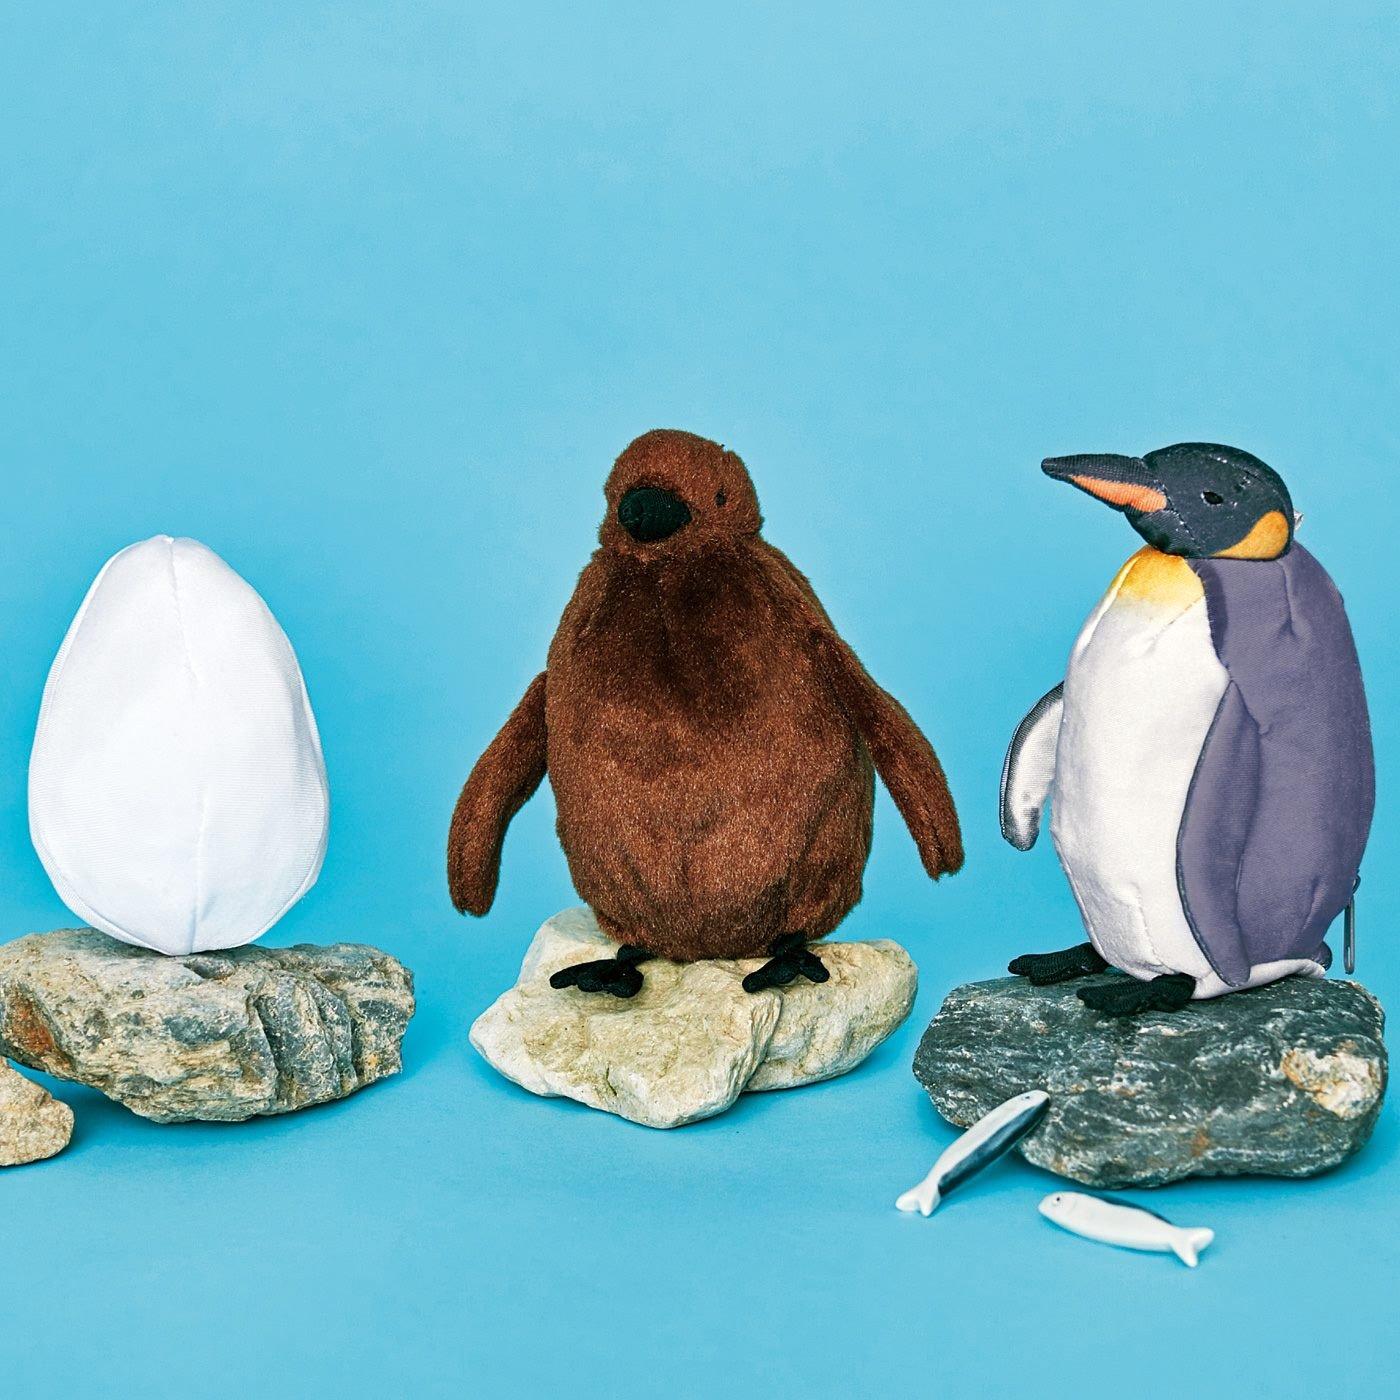 【予約】YOU+MORE! 卵→ヒナ→成鳥に!?  オウサマペンギン3変化ぬいぐるみ